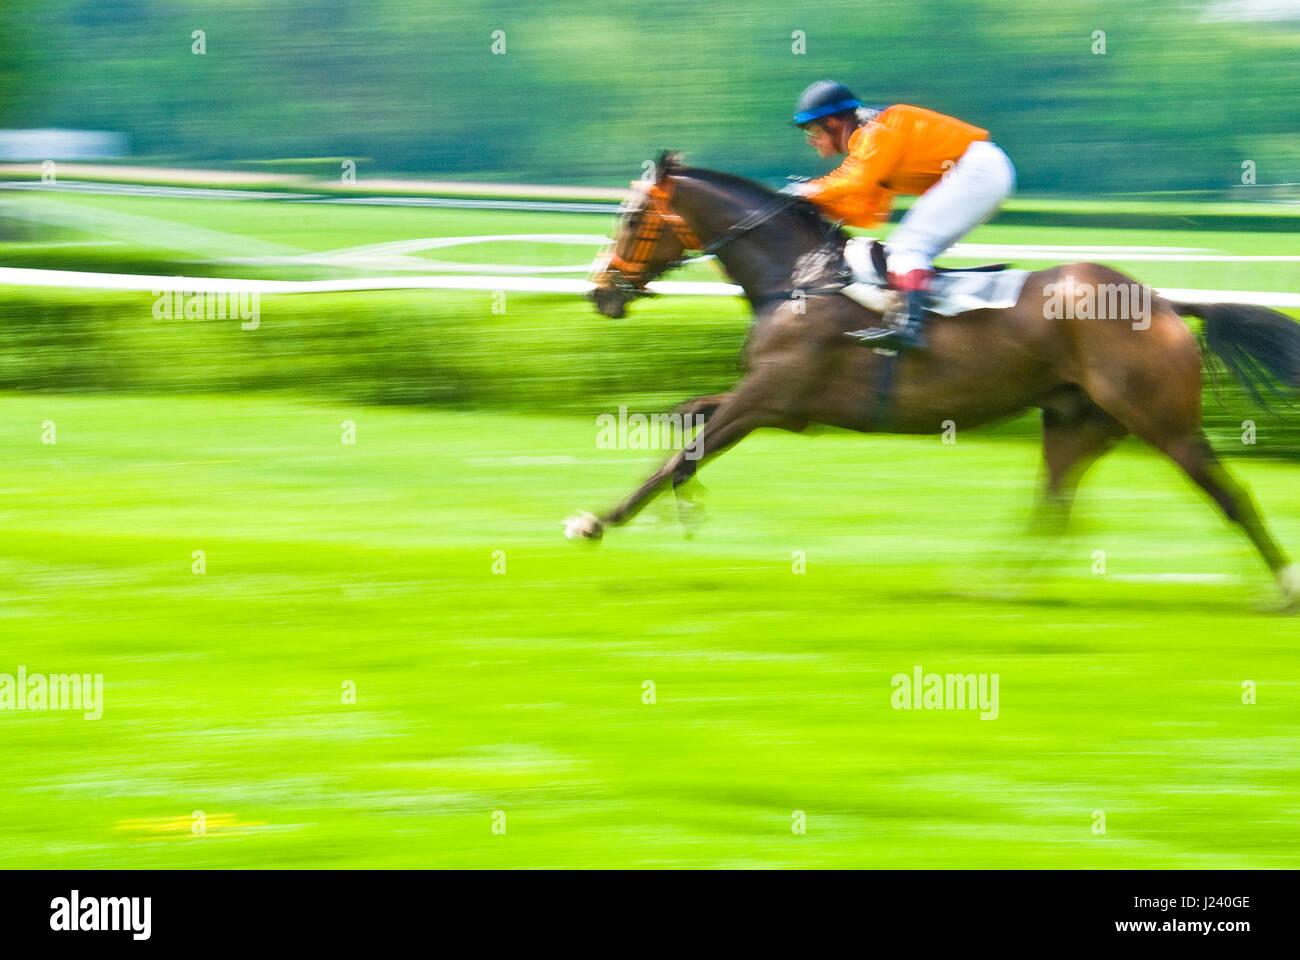 Corsa di cavalli terminare con il cavallo vincente e jockey Immagini Stock